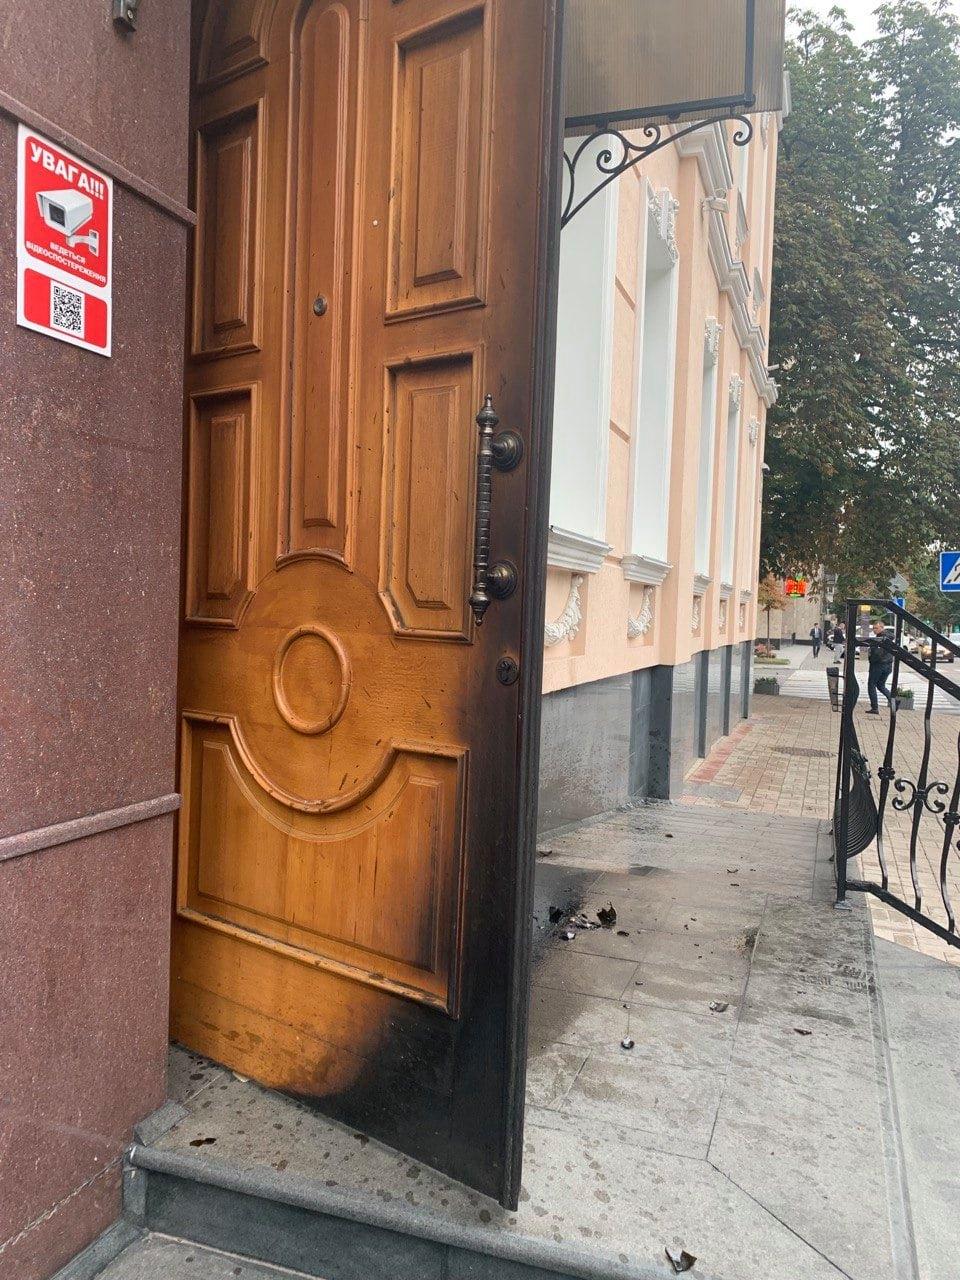 В Офис омбудсмена бросили коктейль Молотова. Скриншот из фейсбука Людмилы Денисовой